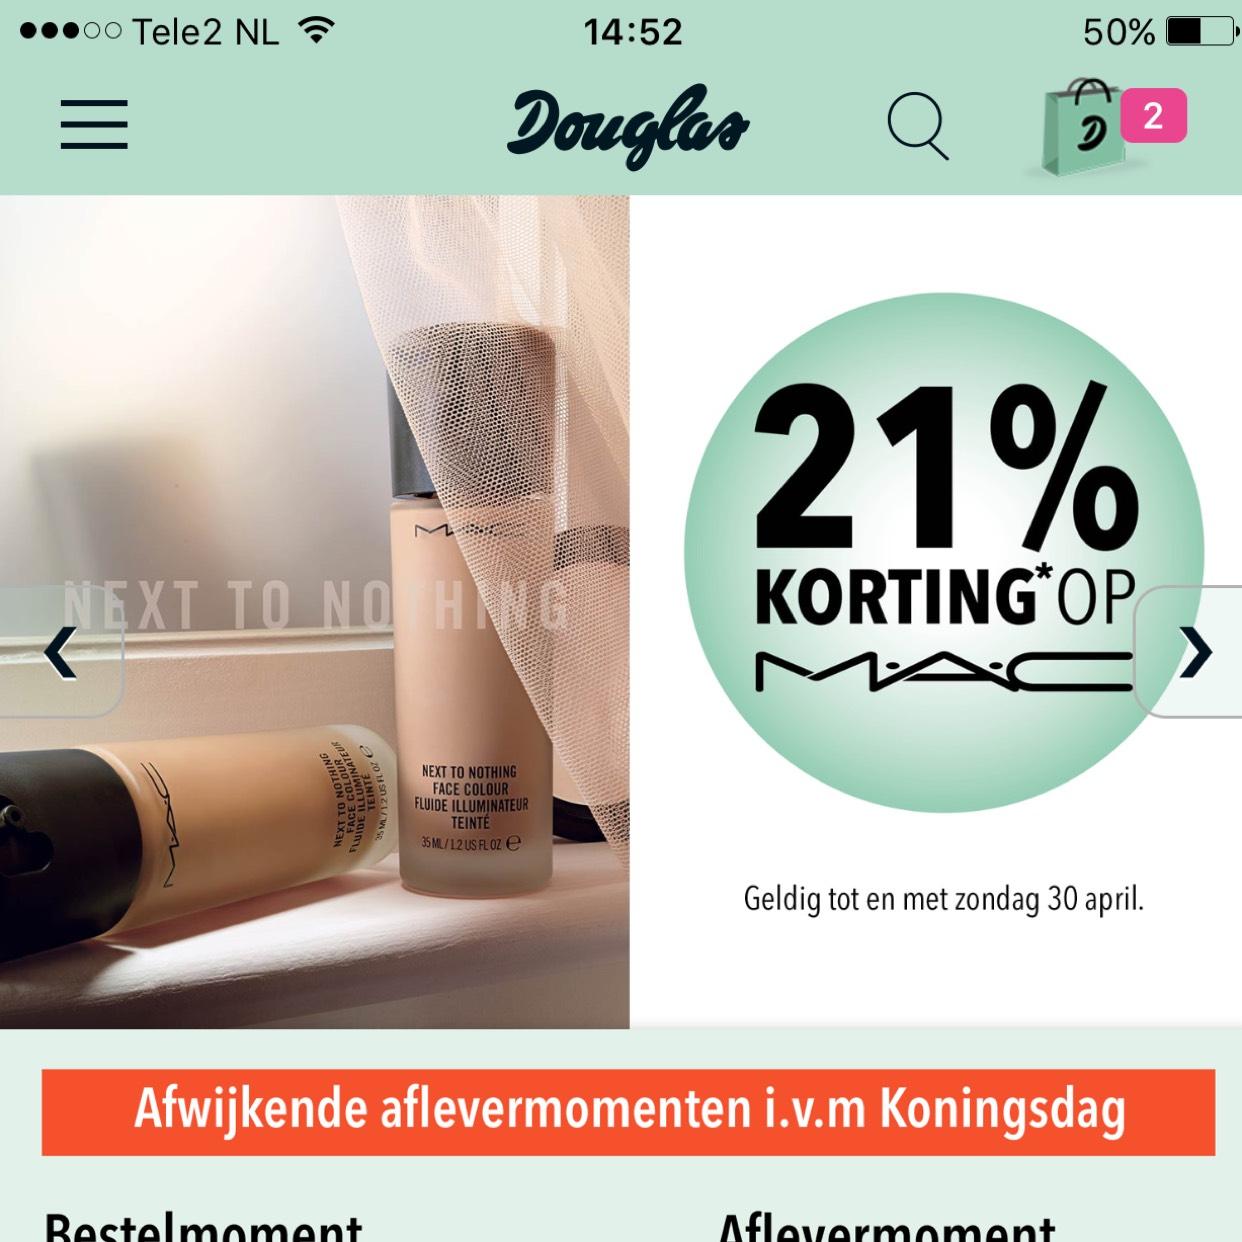 21% korting op MAC producten @Douglas